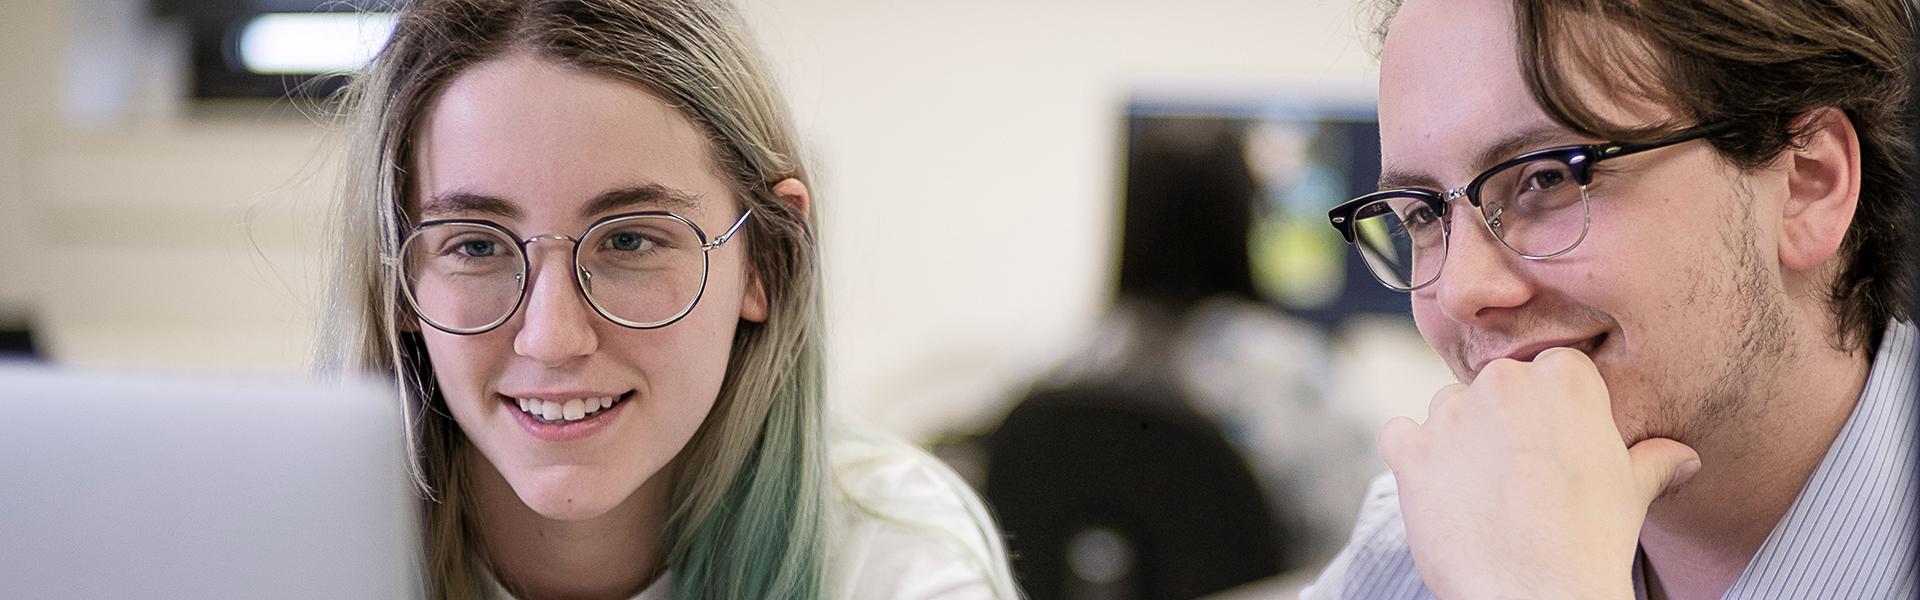 Étudiante et étudiant en graphisme devant un ordinateur